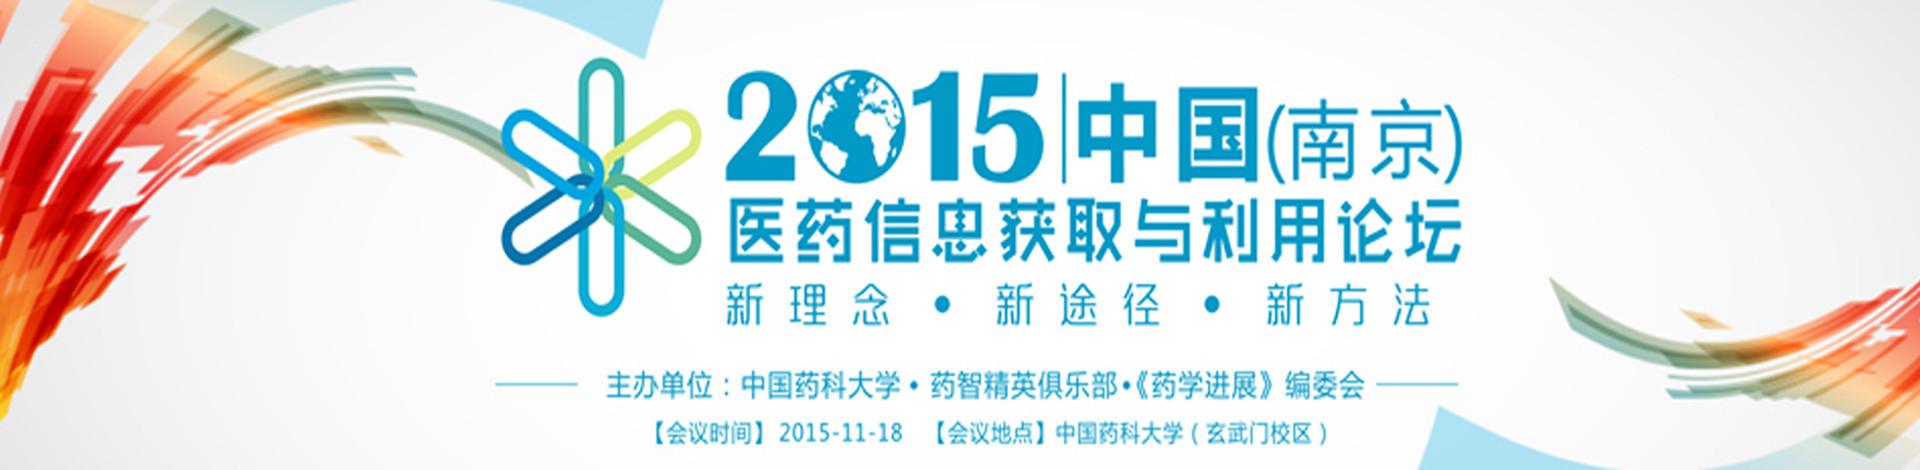 中国(南京)2015医药信息获取与利用论坛